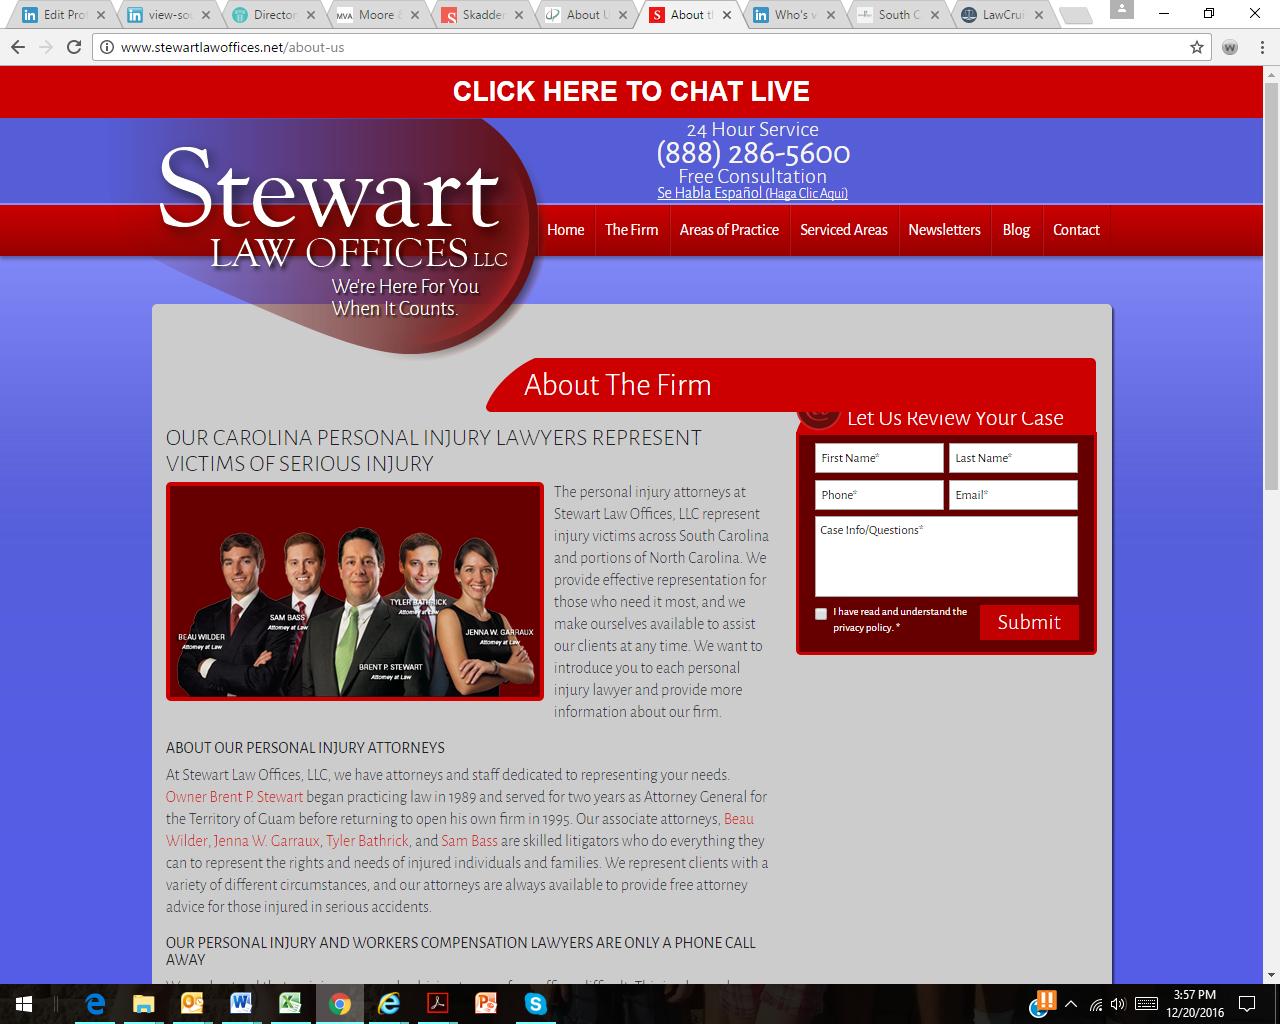 Stewart Law Office